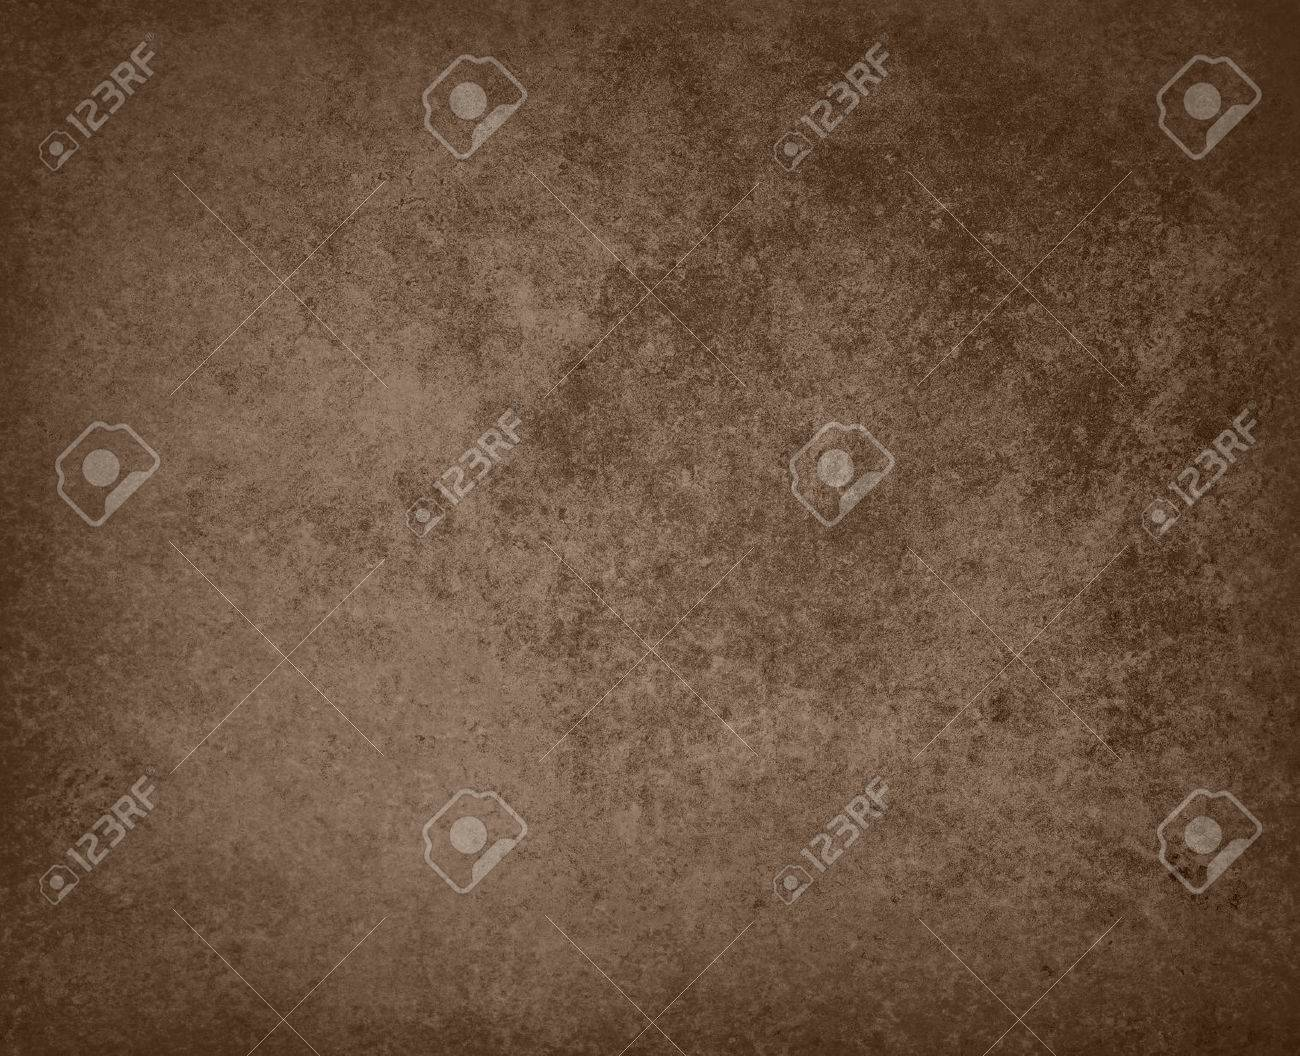 Abstrait En Cuir Marron De Fond Fané Illustration De Couleur Tache Avec Une éponge Grunge Vintage Texture De Fond Affligé Peinture Smeary Rude Sur Le